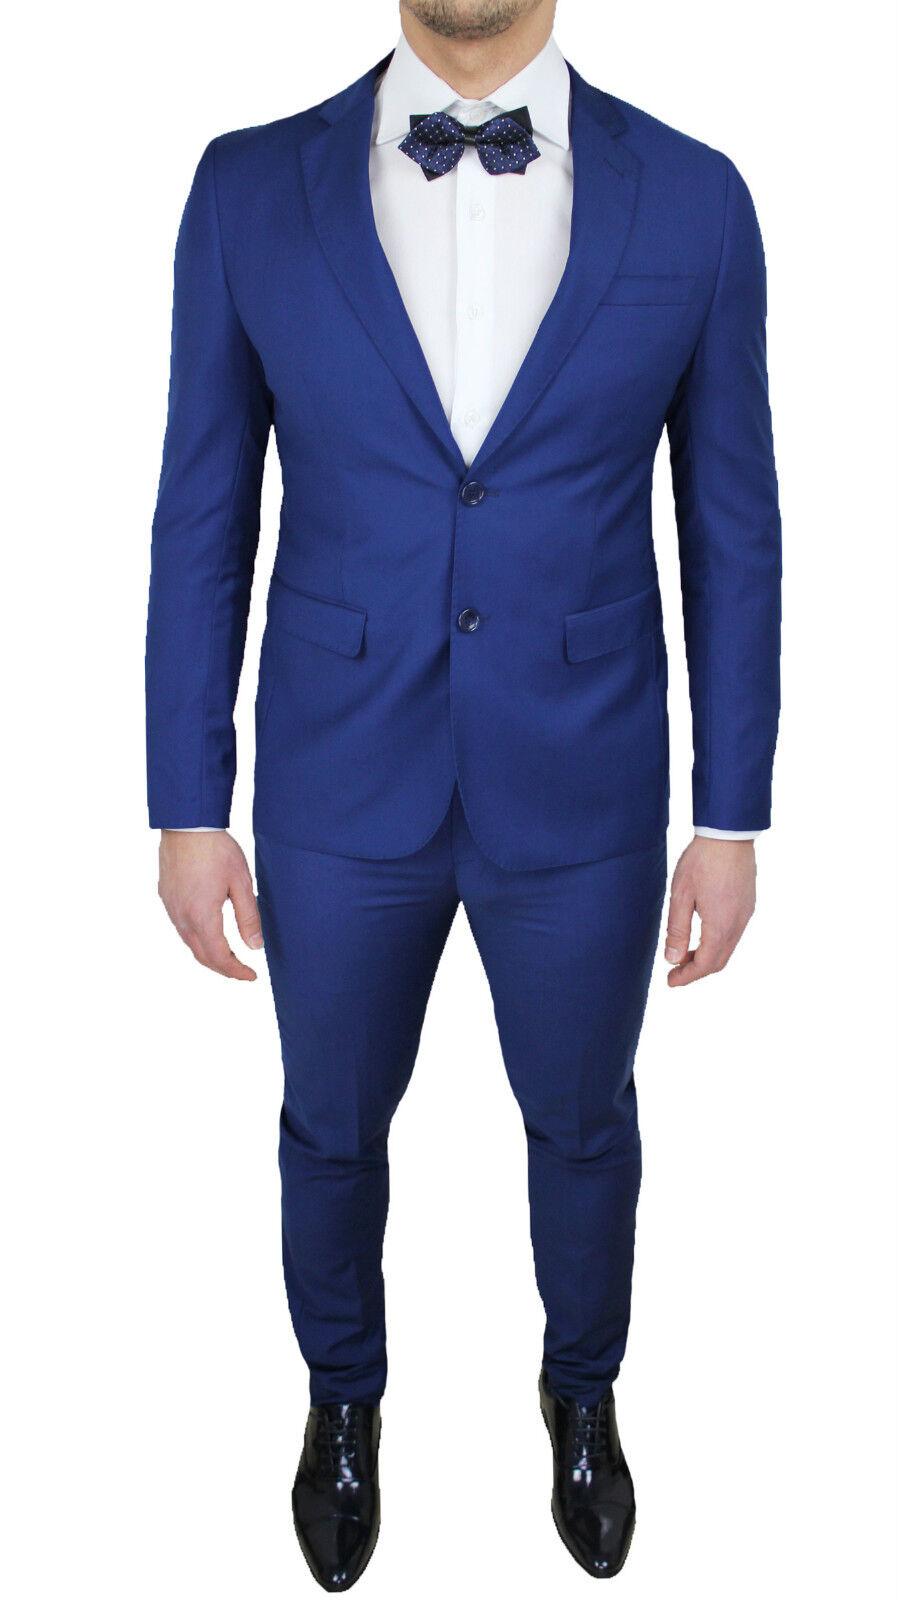 Vestito Matrimonio Uomo Blu Elettrico : Abito uomo diamond blu slim fit aderente completo vestito